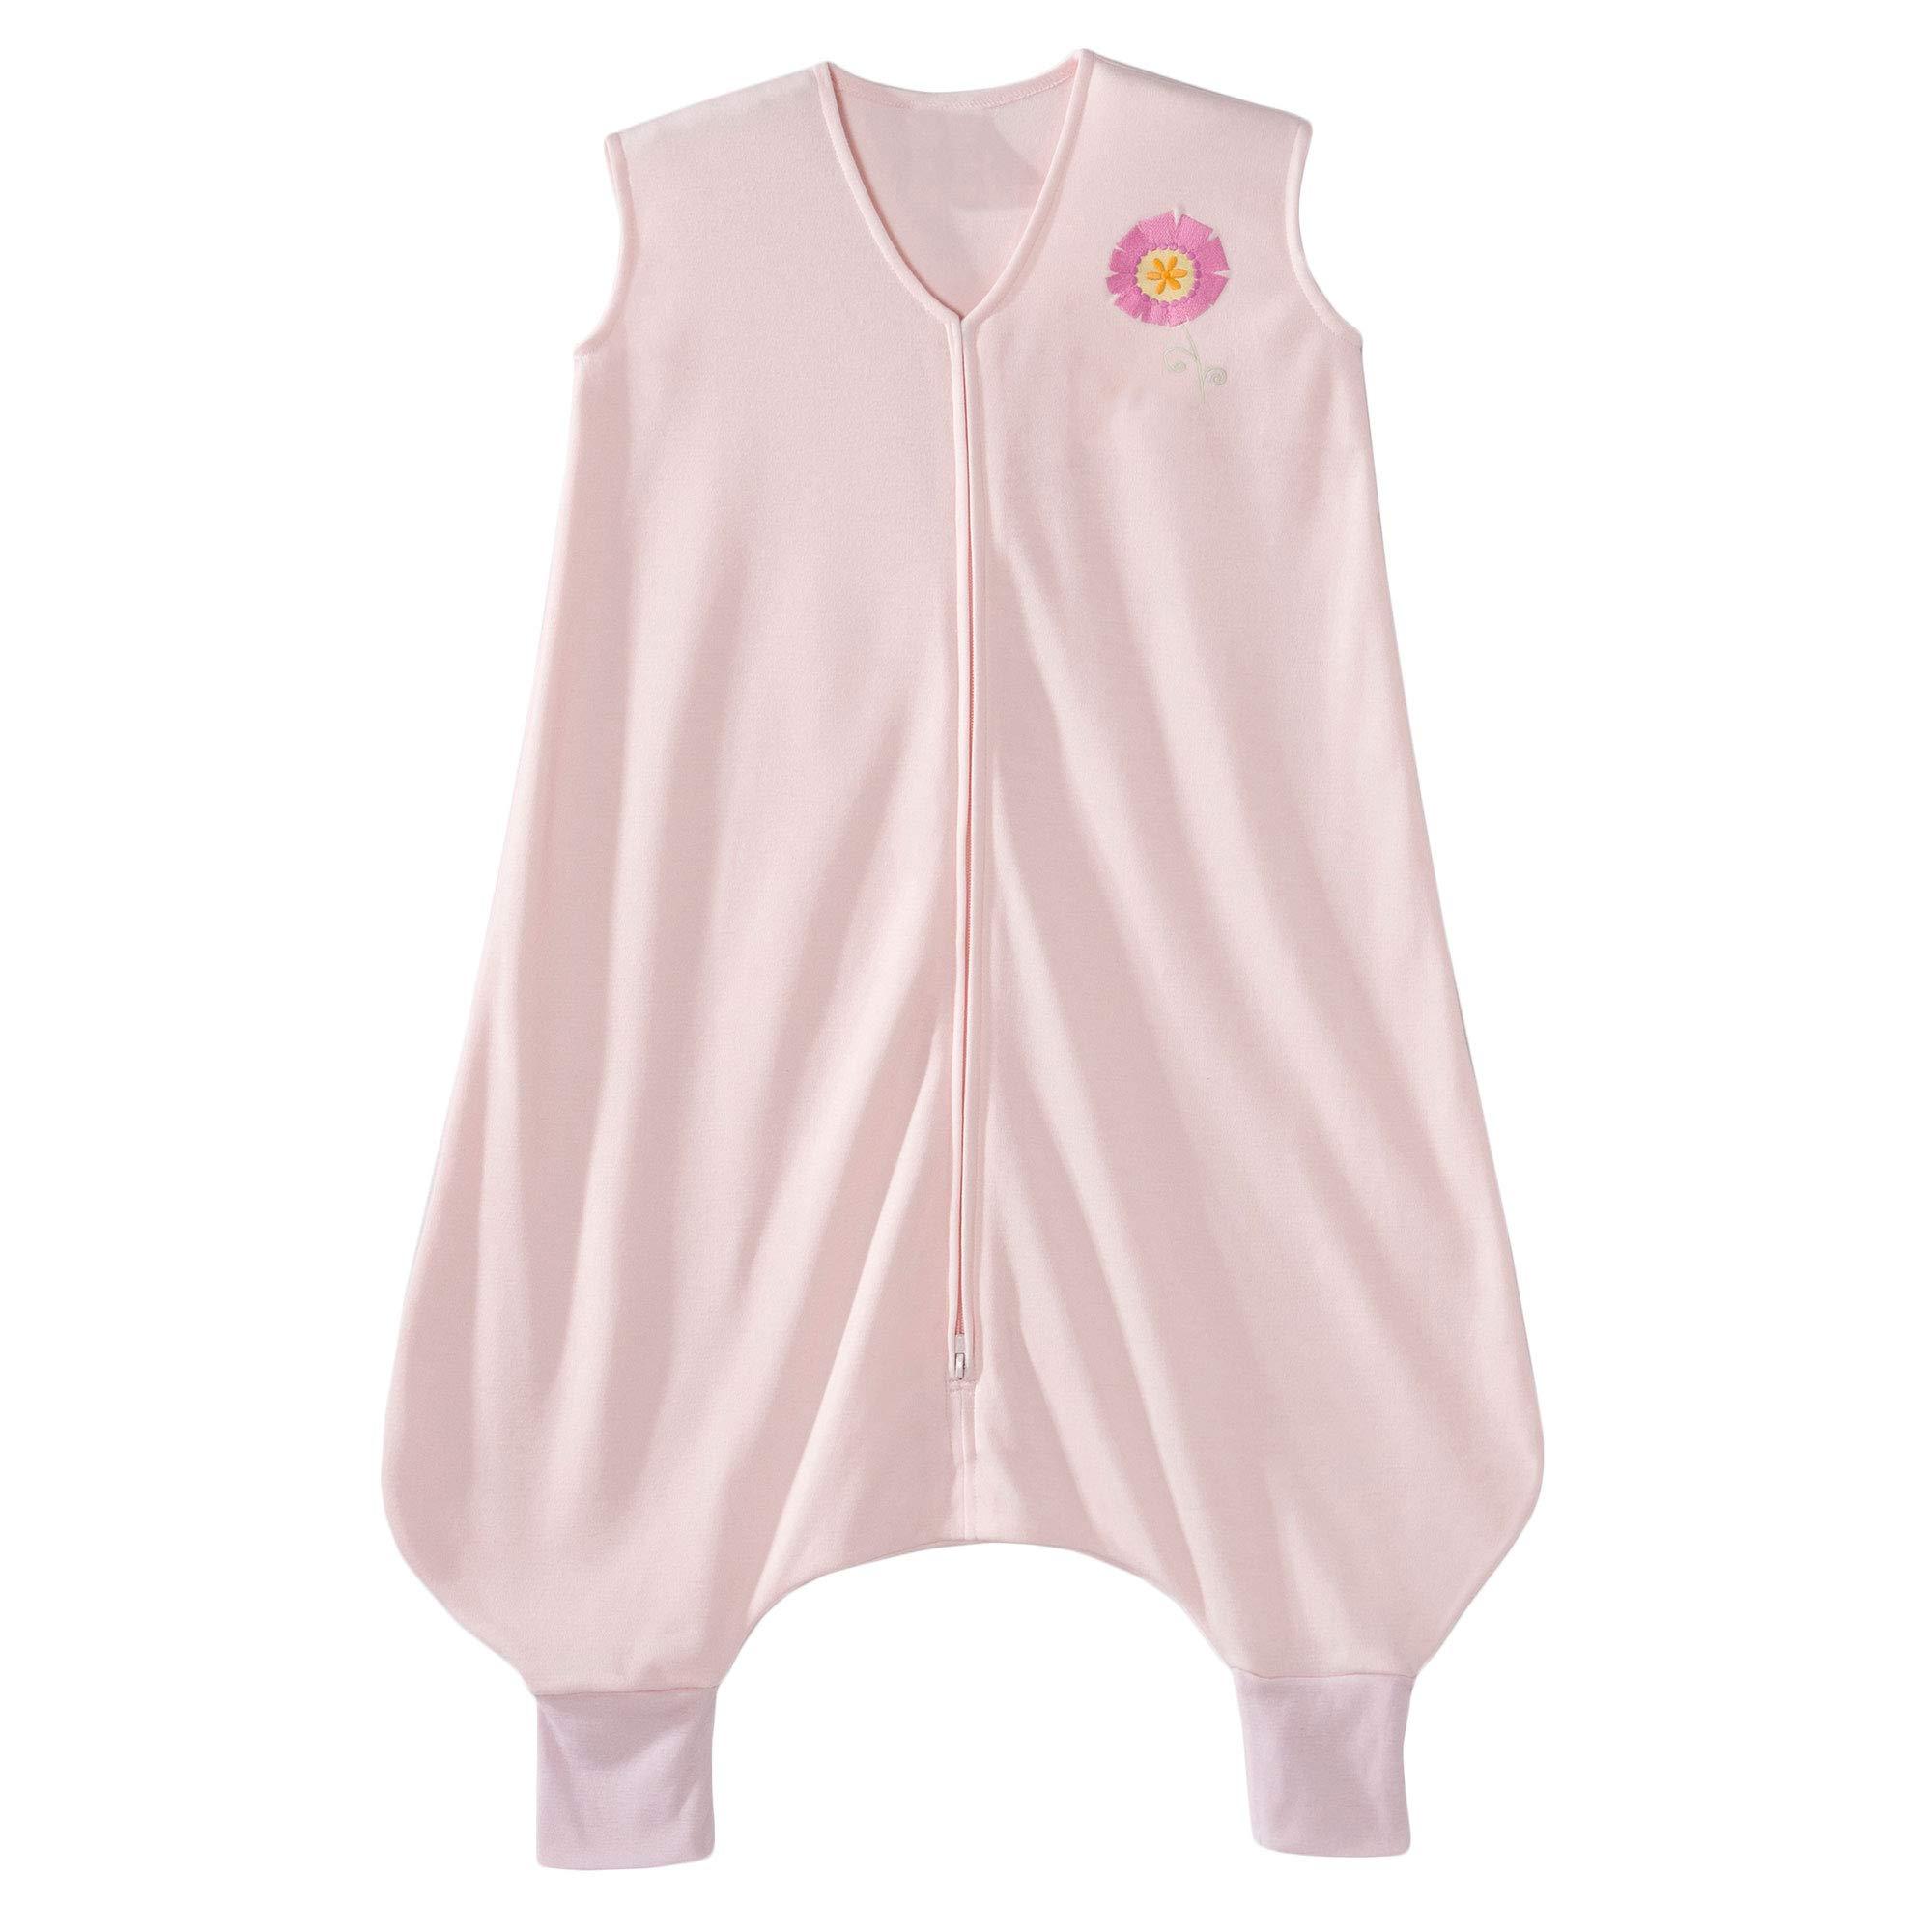 HALO Early Walker Sleepsack Lightweight Knit Wearable Blanket, Pink, X-Large